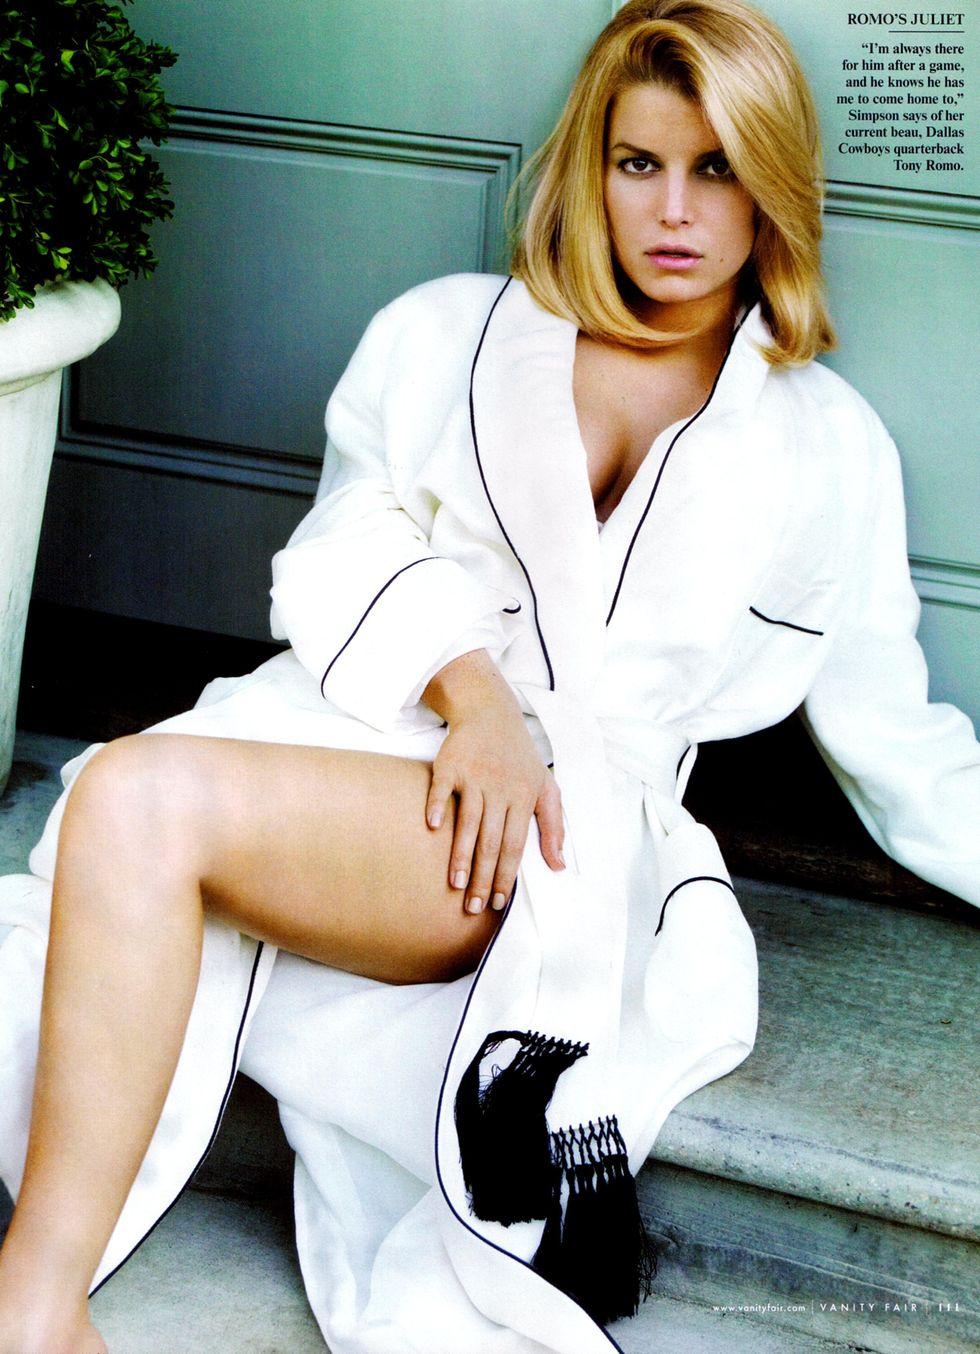 jessica-simpson-vanity-fair-magazine-june-2009-hq-scans-01